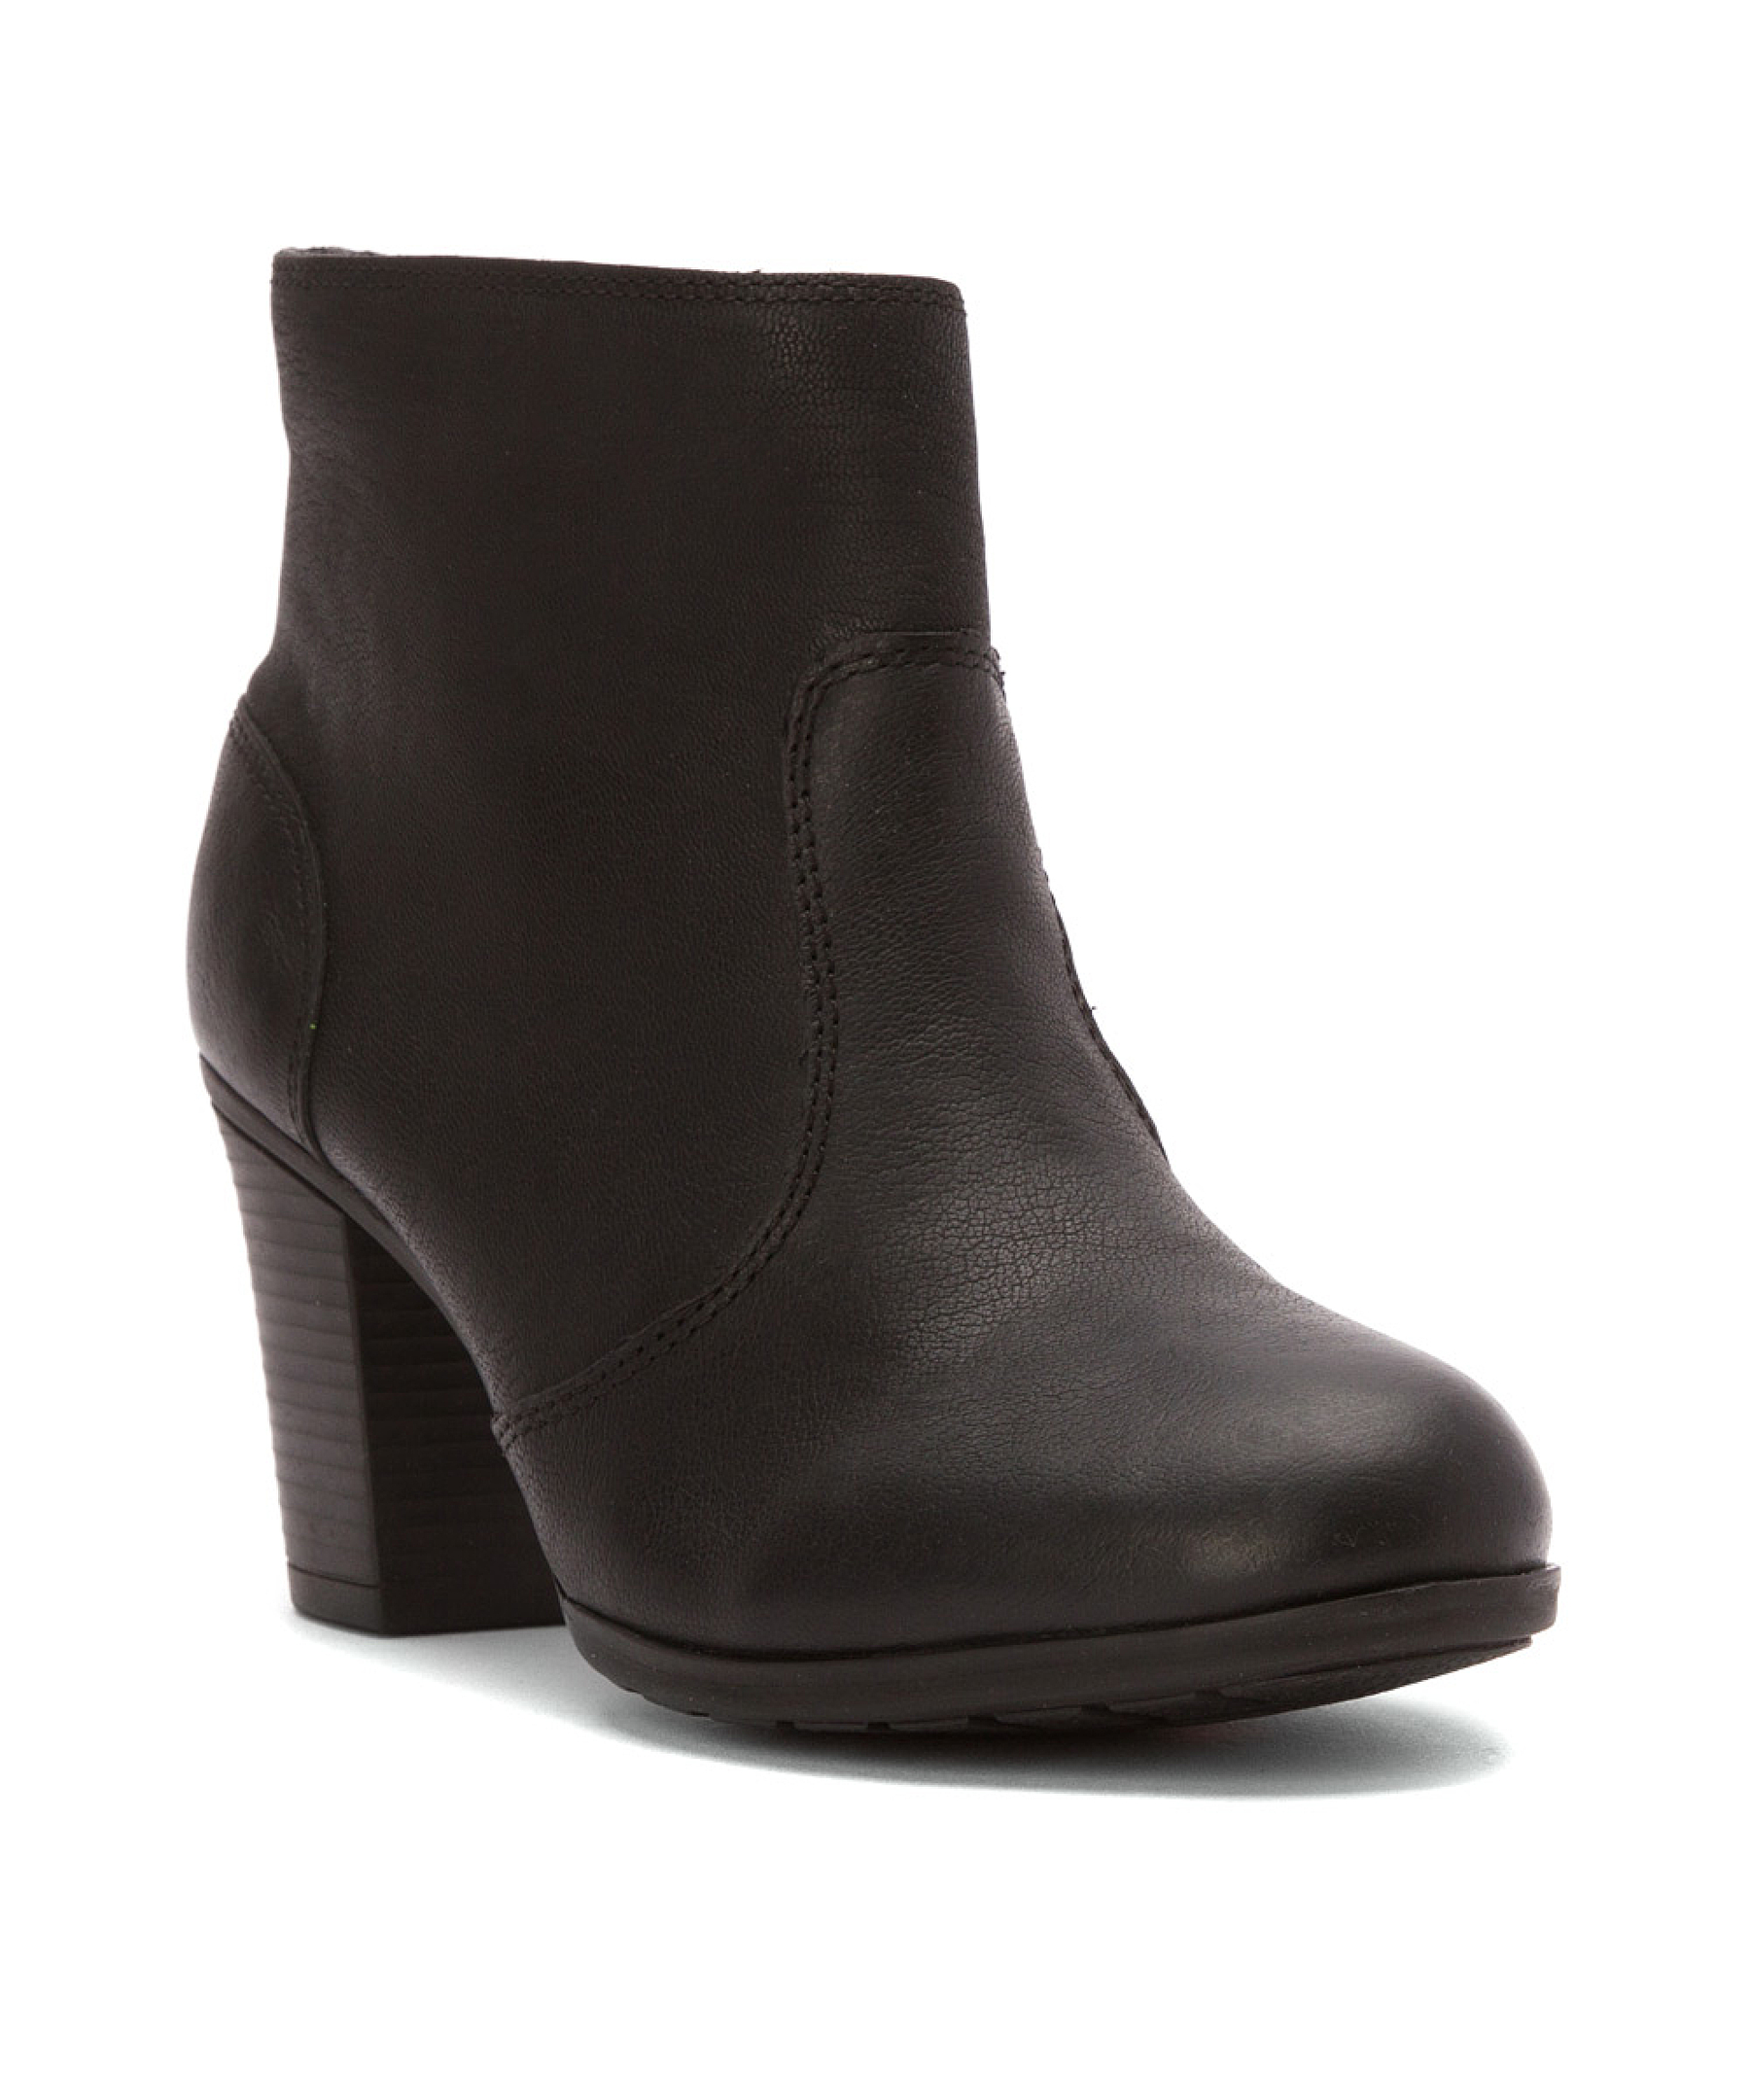 rockport s city casuals catriona zip bootie boots in